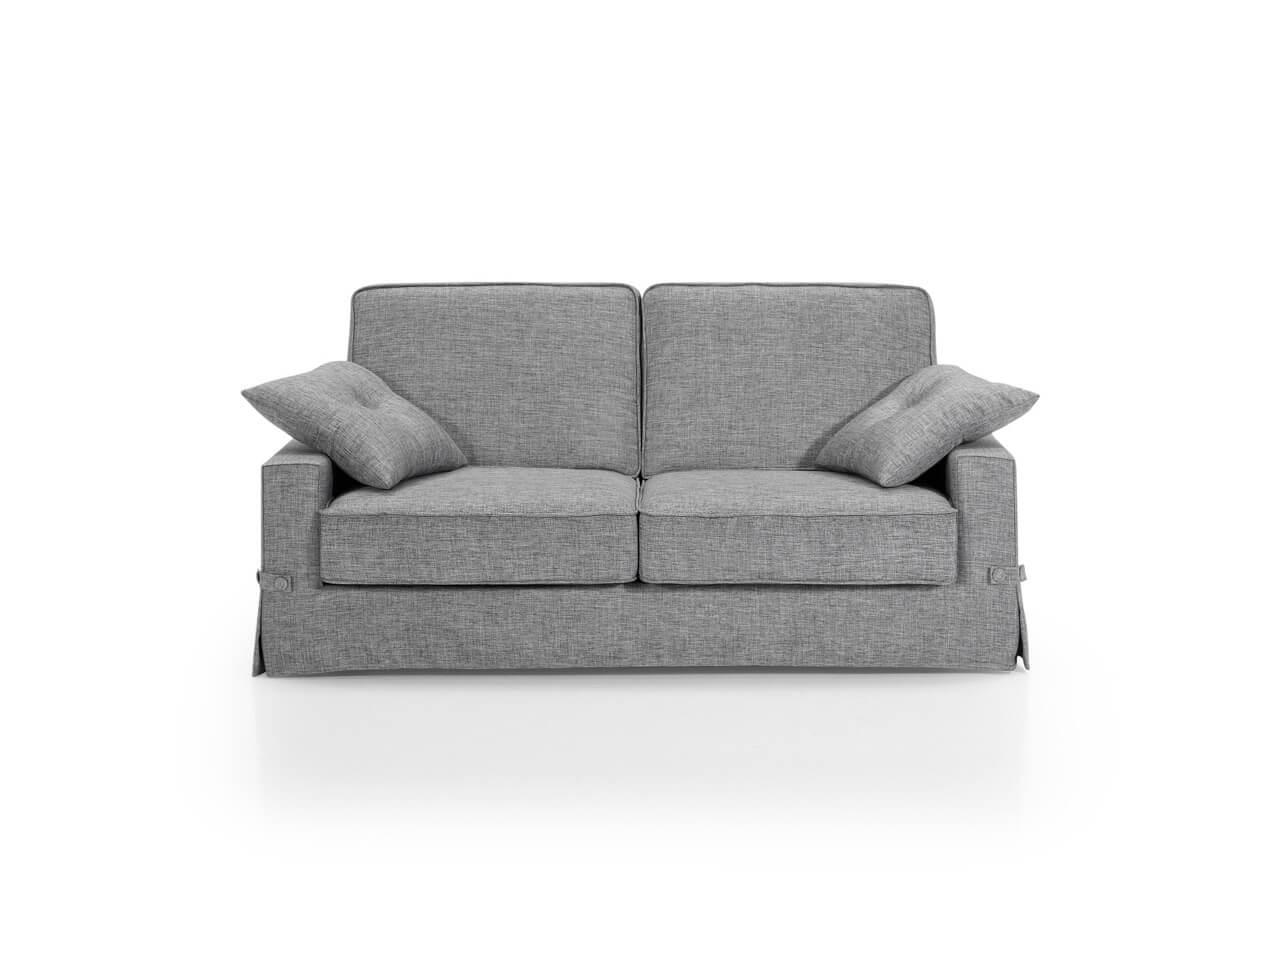 Comprar sofa online artesanal de calidad y dise o la mesa de centro - Compra sofas online ...